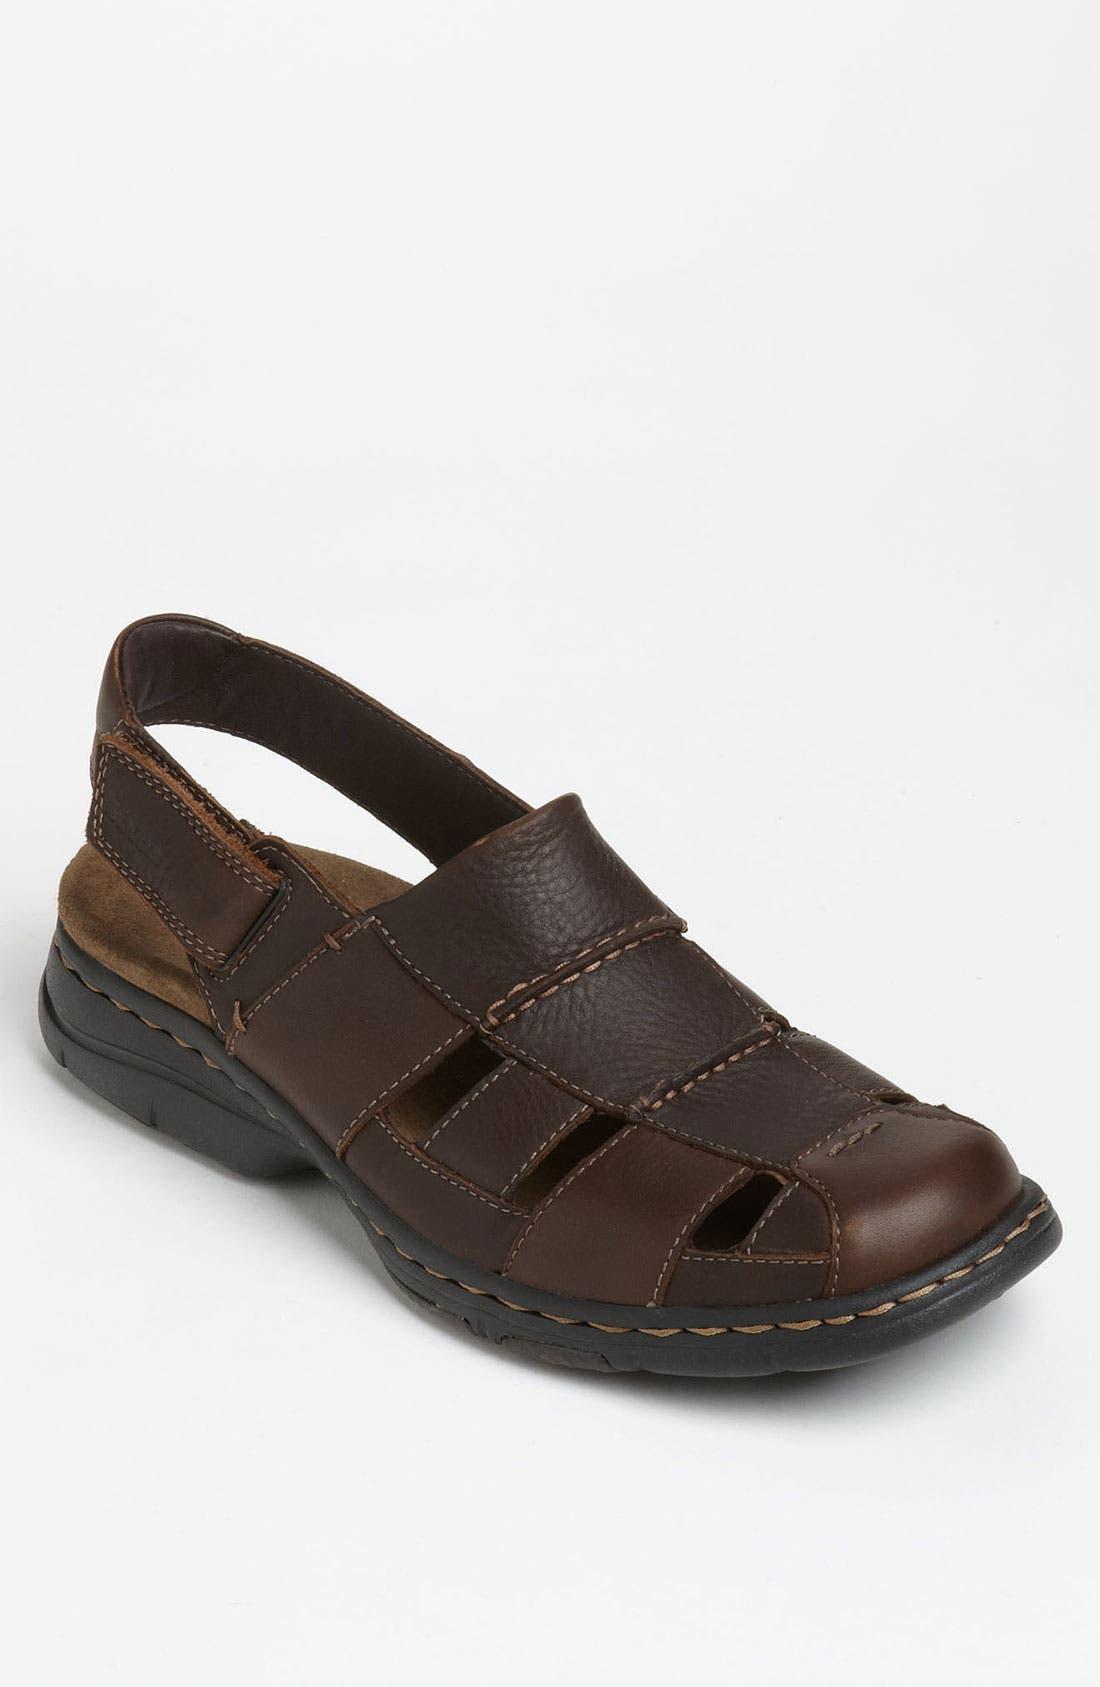 Alternate Image 1 Selected - Dunham 'Monterey' Sandal